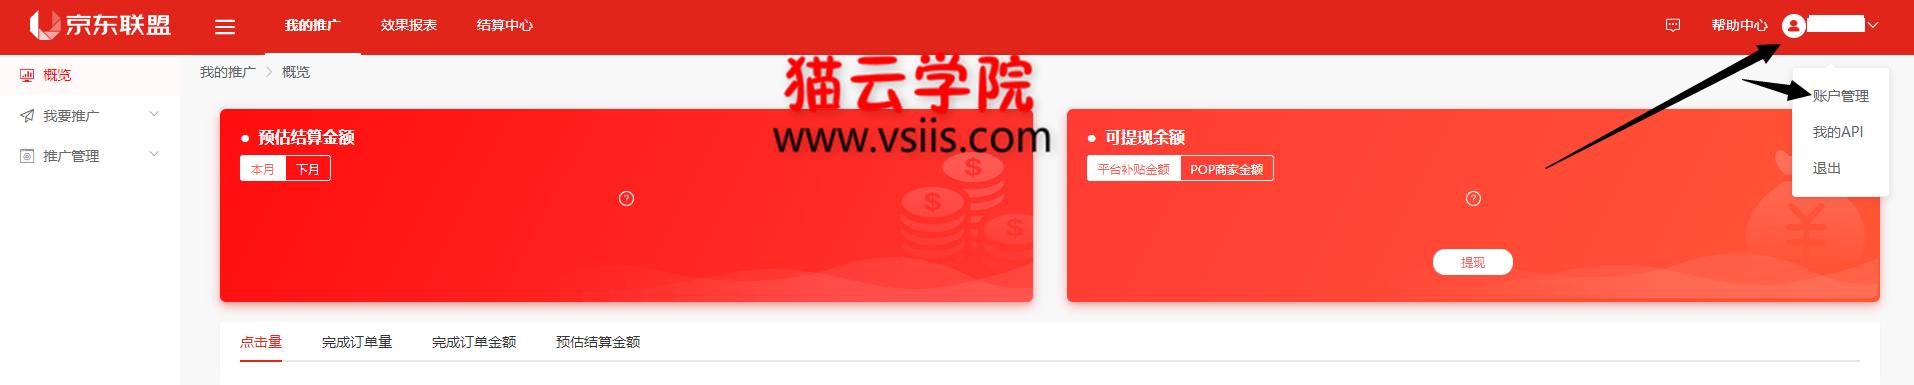 淘鹊桥CMS(京东)设置教程